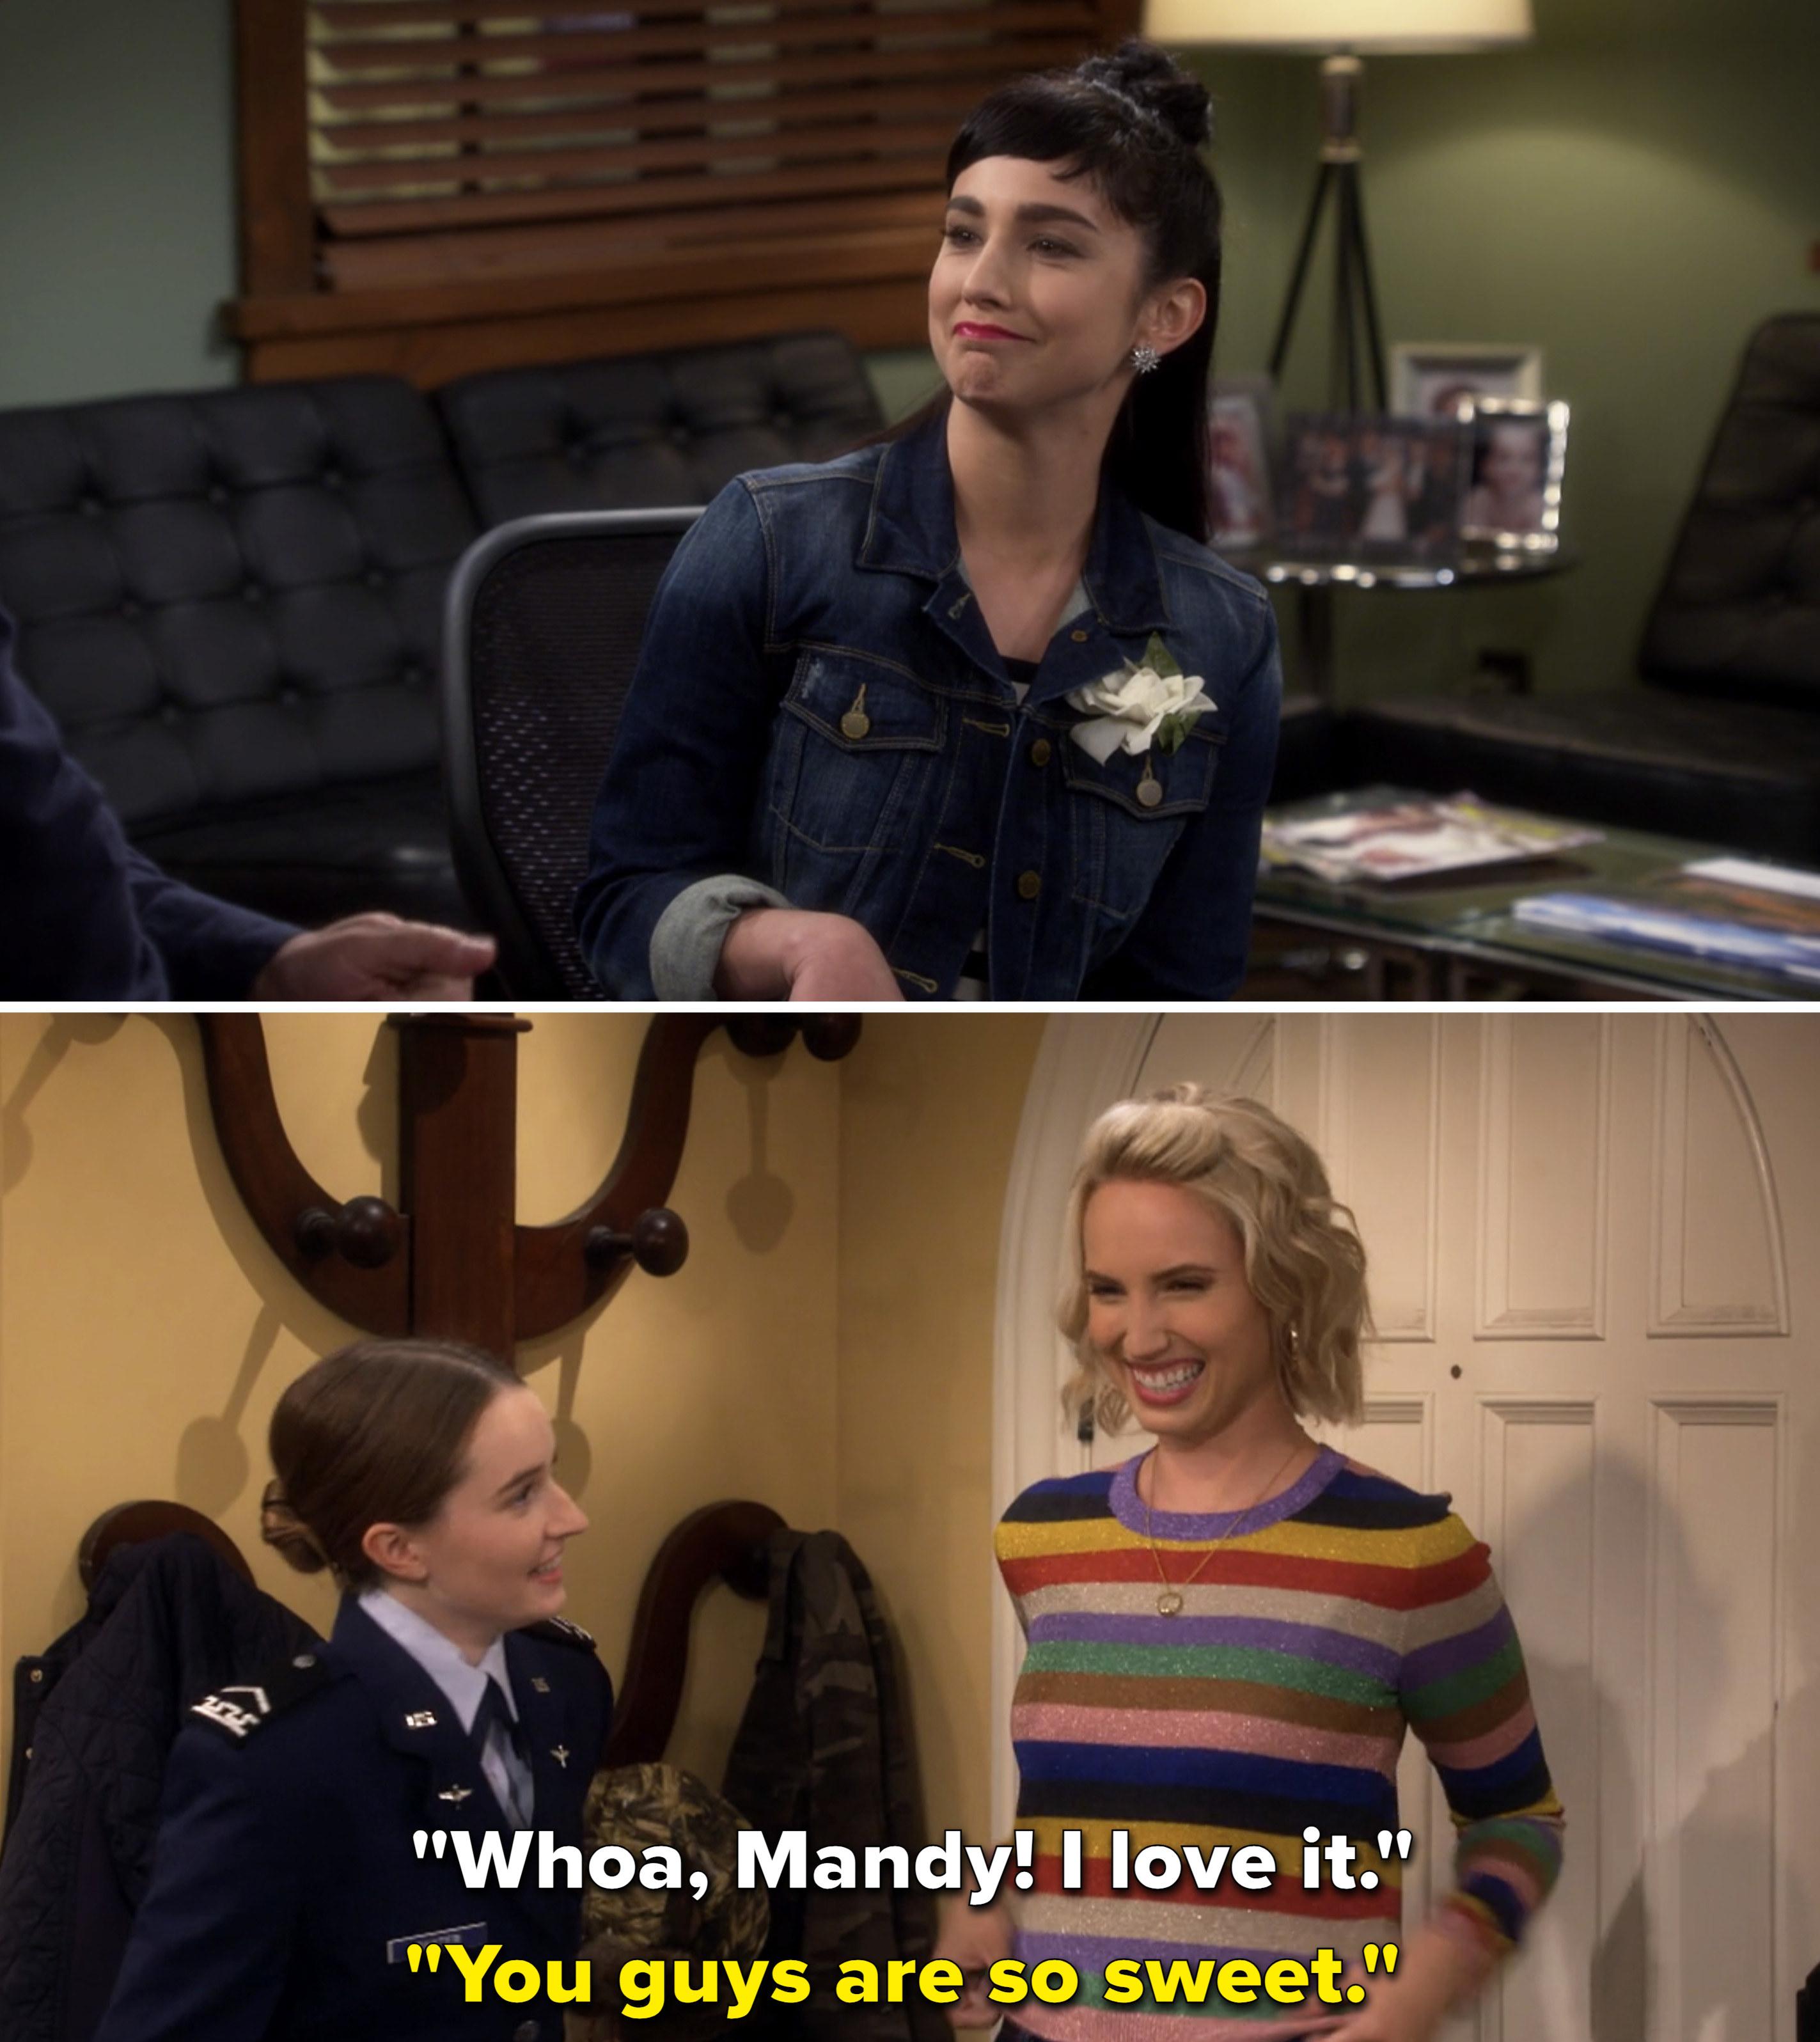 曼迪说;你们太可爱了;